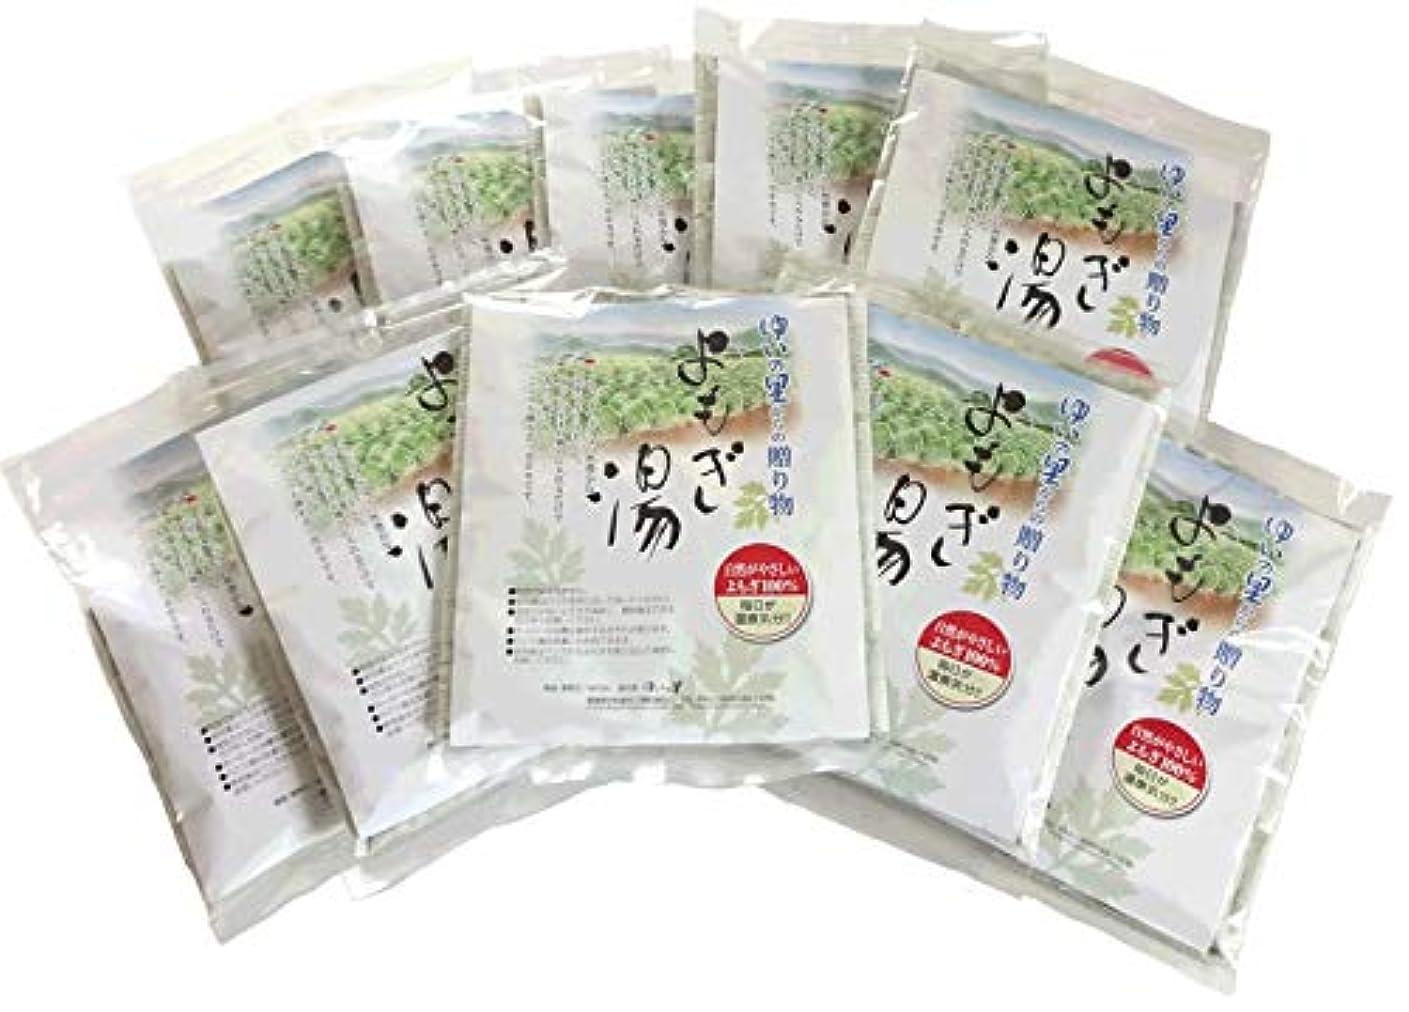 有毒割る赤ちゃんよもぎ湯入浴パック 10袋セット 愛媛県産 自家栽培よもぎ100%使用